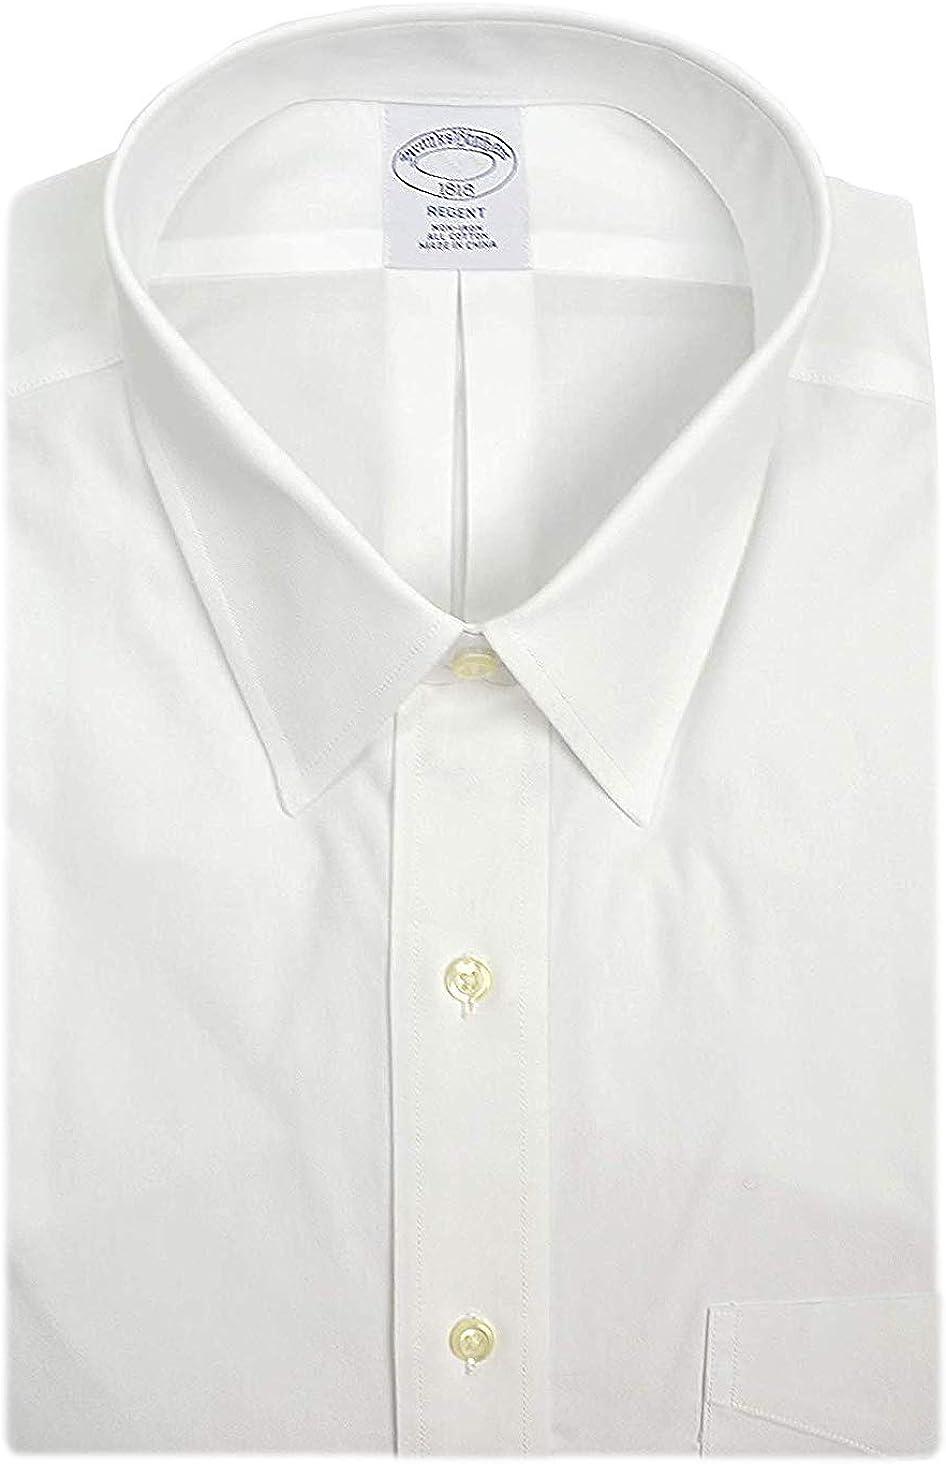 Brooks Brothers Camisa de vestir para hombre, 100% algodón, no necesita planchado, color blanco brillante